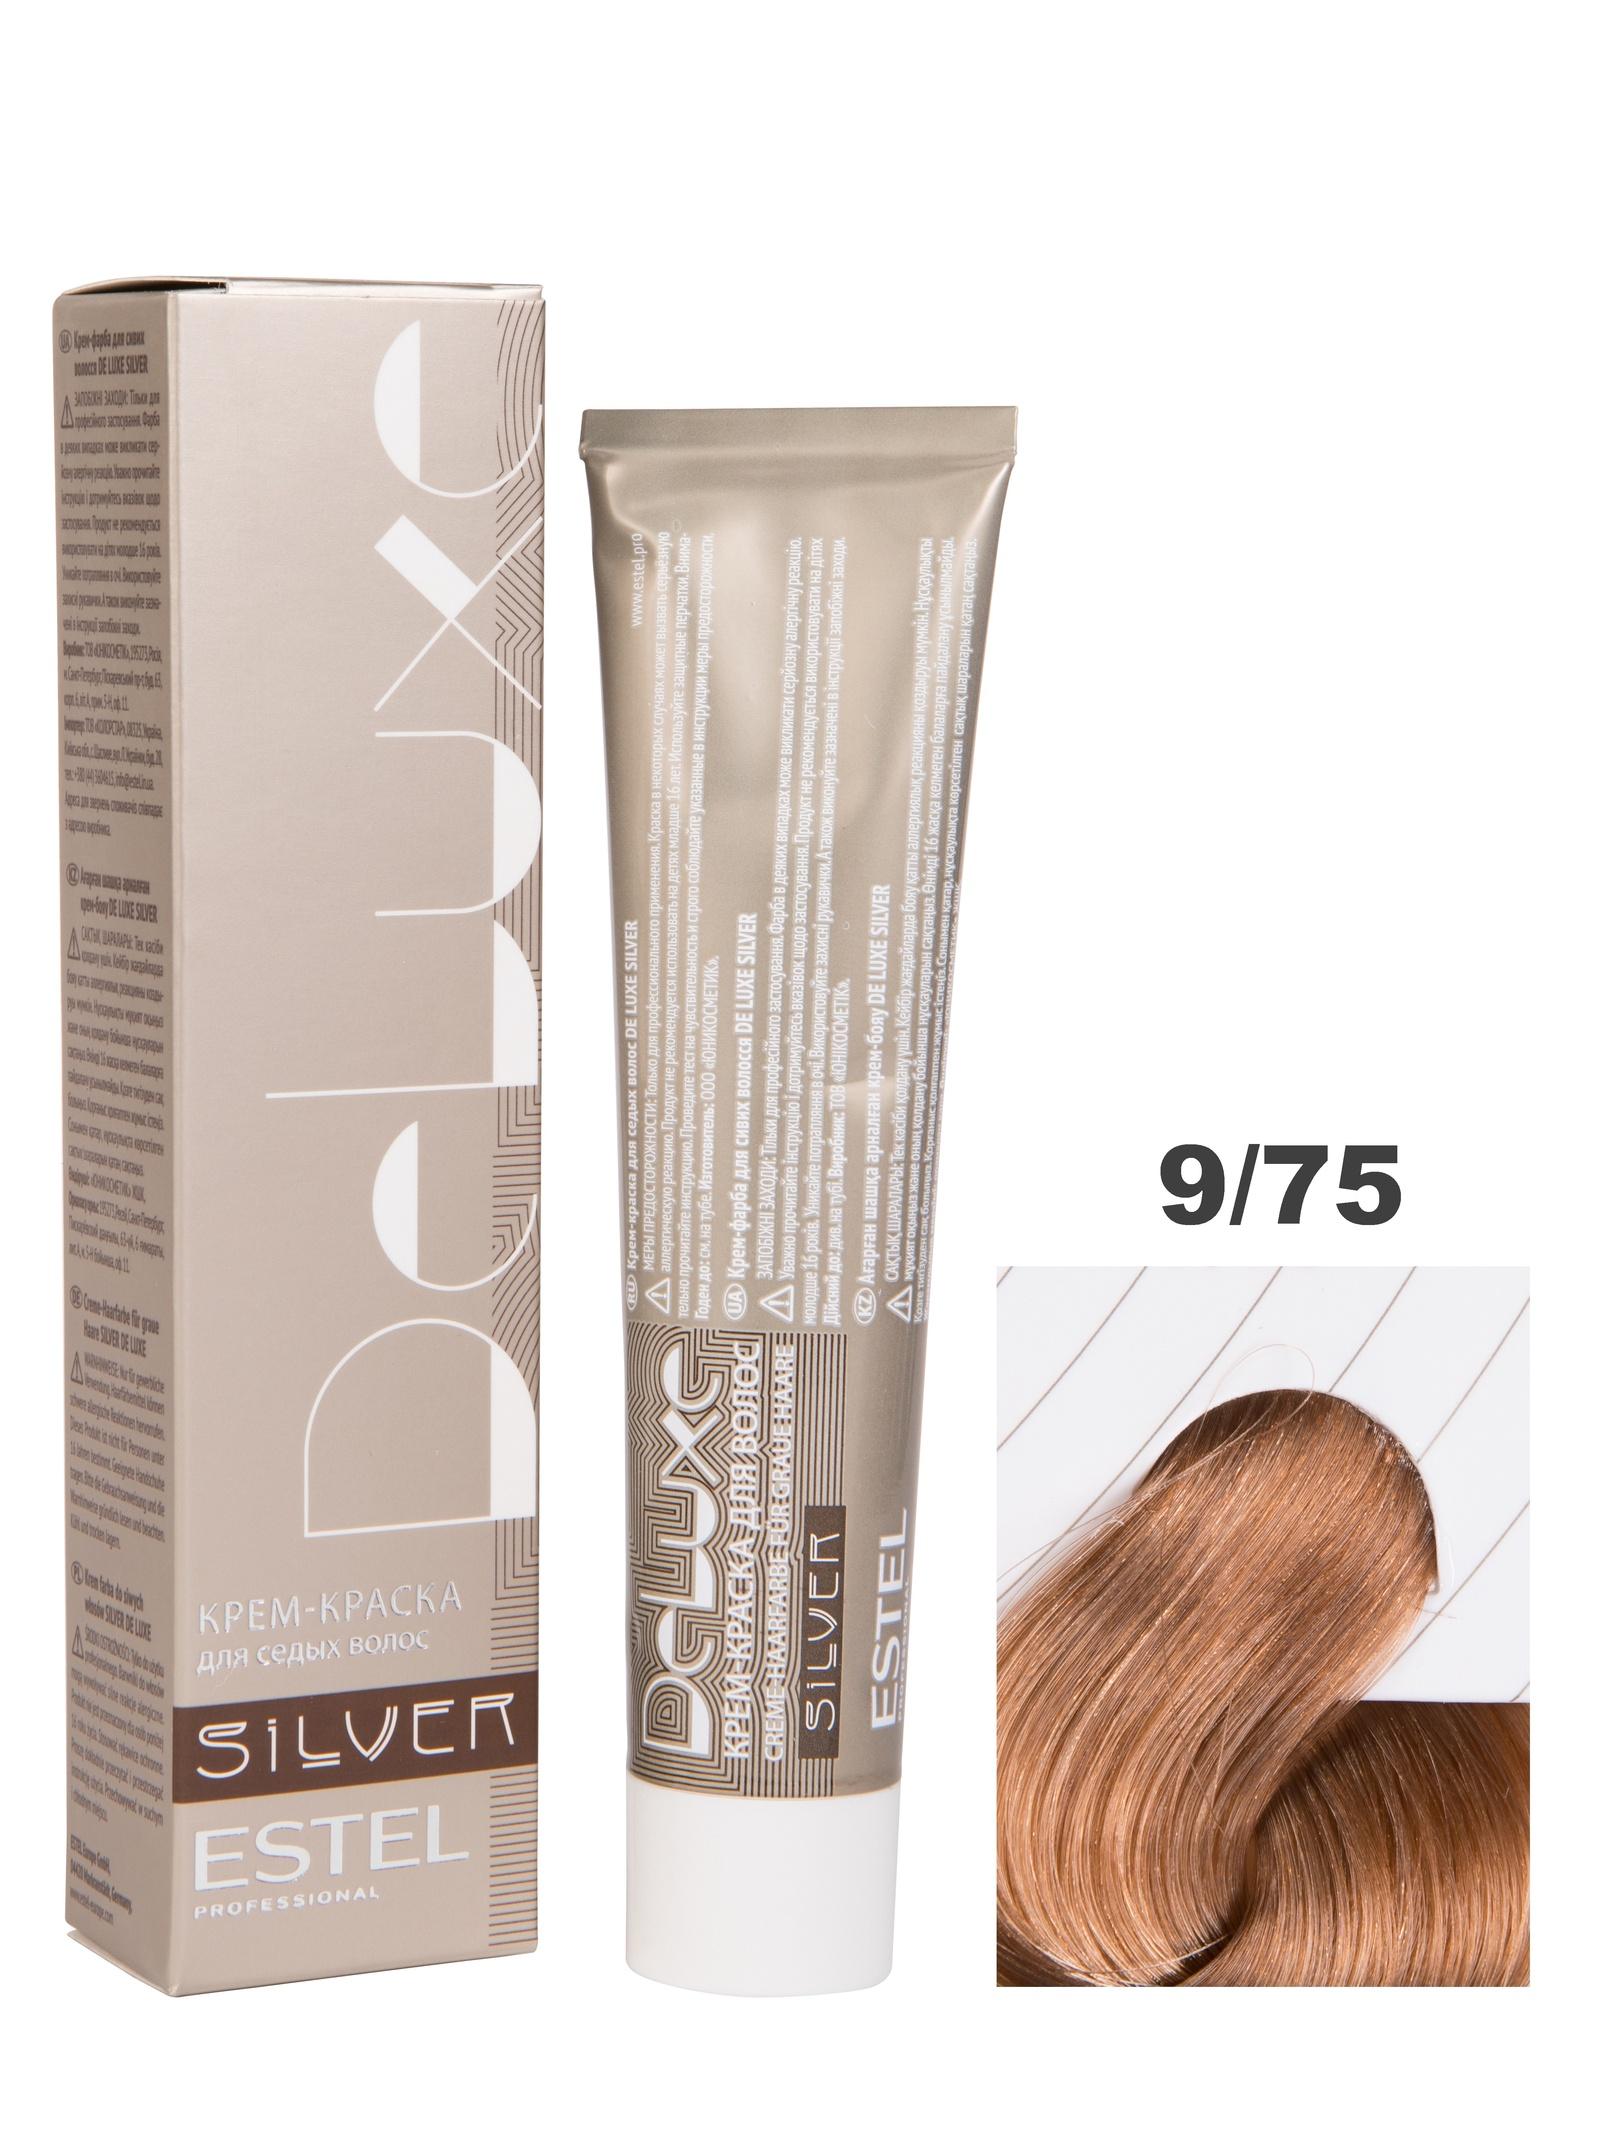 Краска-уход DE LUXE SILVER для окрашивания волос ESTEL PROFESSIONAL 9/75 блондин коричнево-красный 60 мл estel краска уход 9 61 de luxe блондин фиолетово пепельный 60 мл